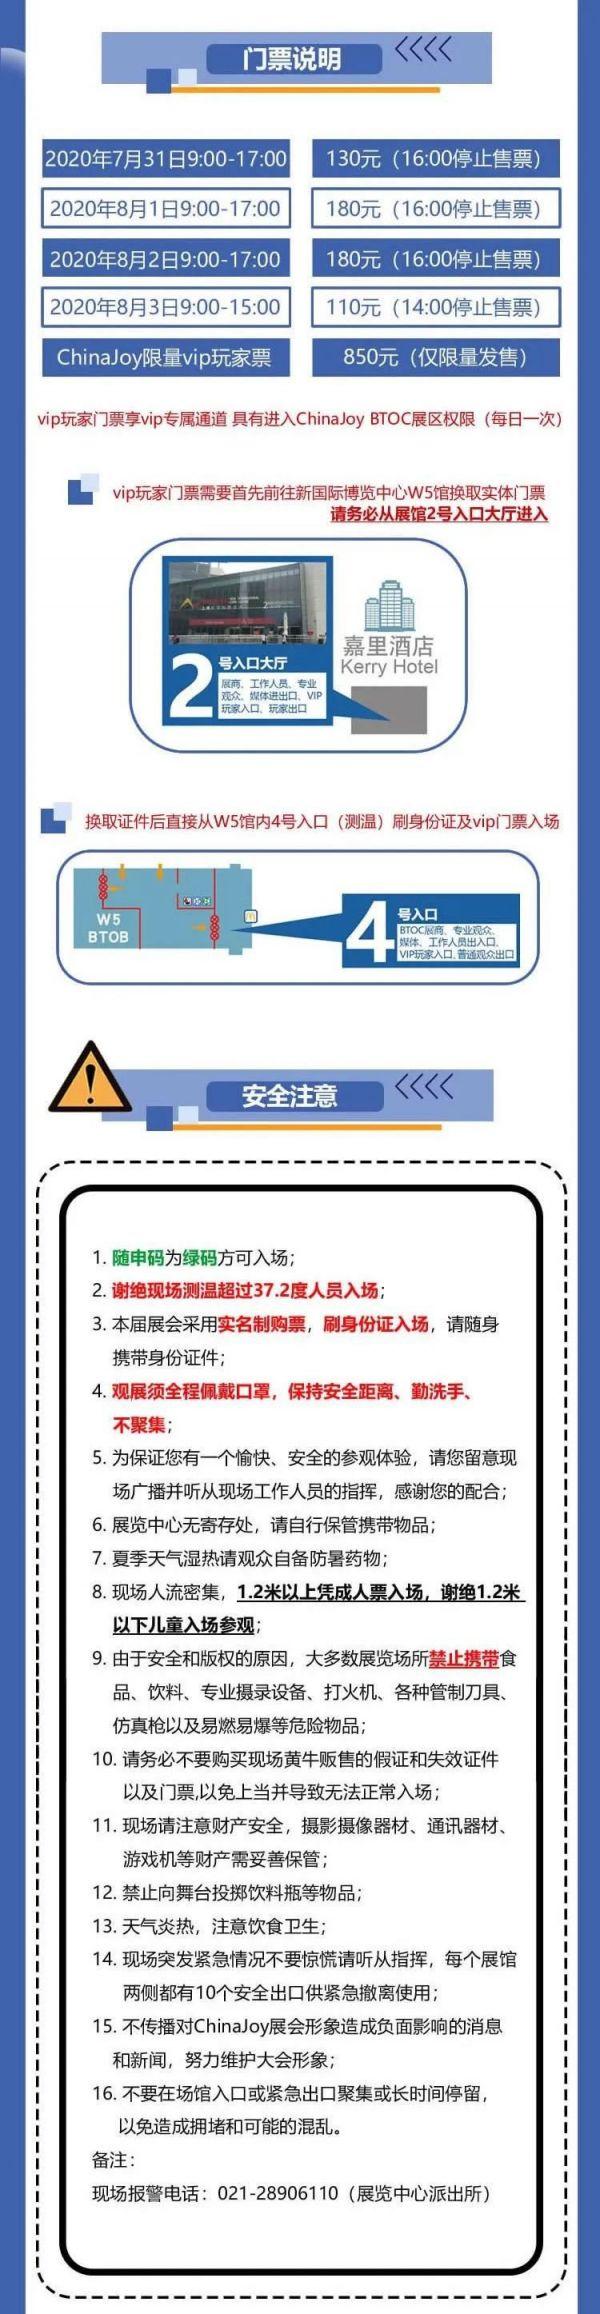 2020上海ChinaJoy逛展攻略